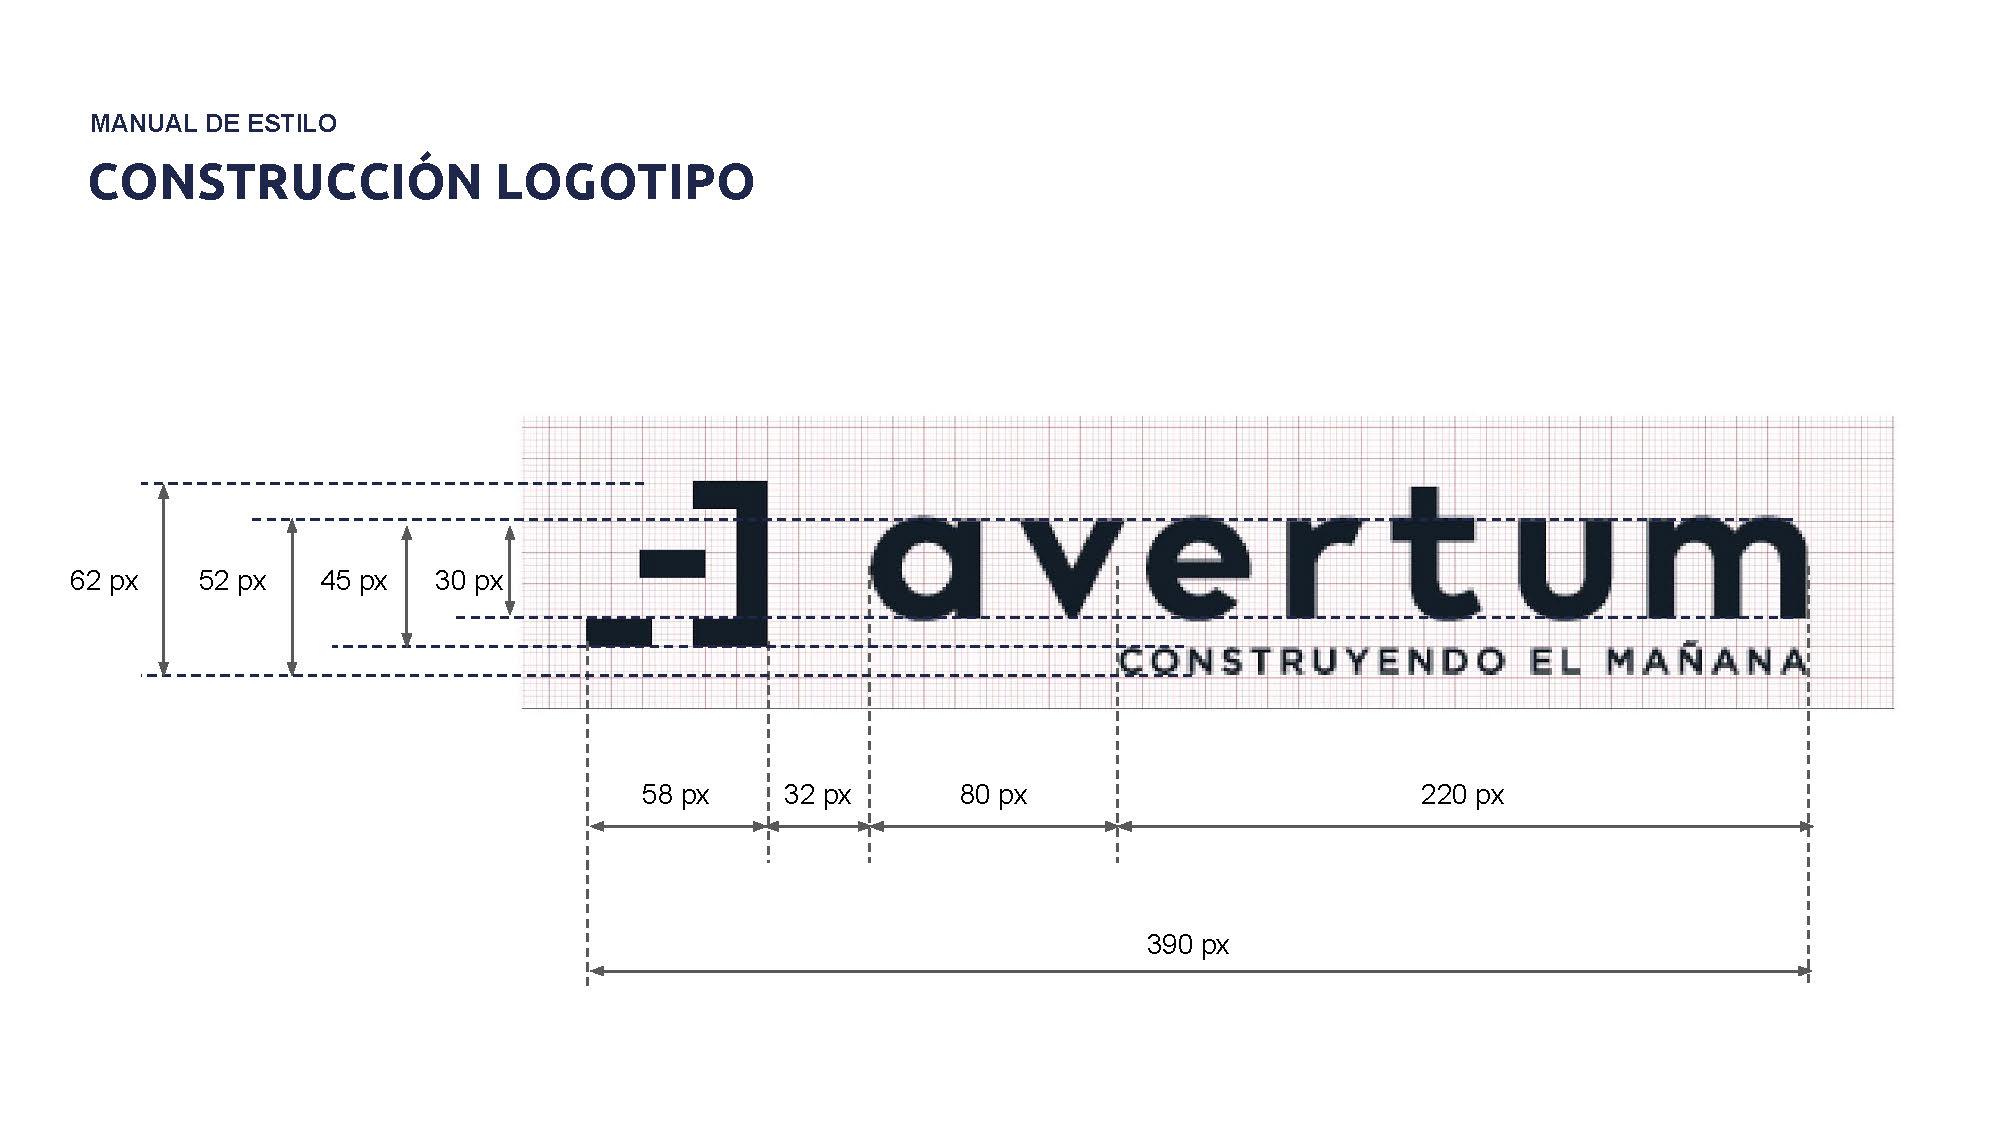 Construcción del logo de Avertum